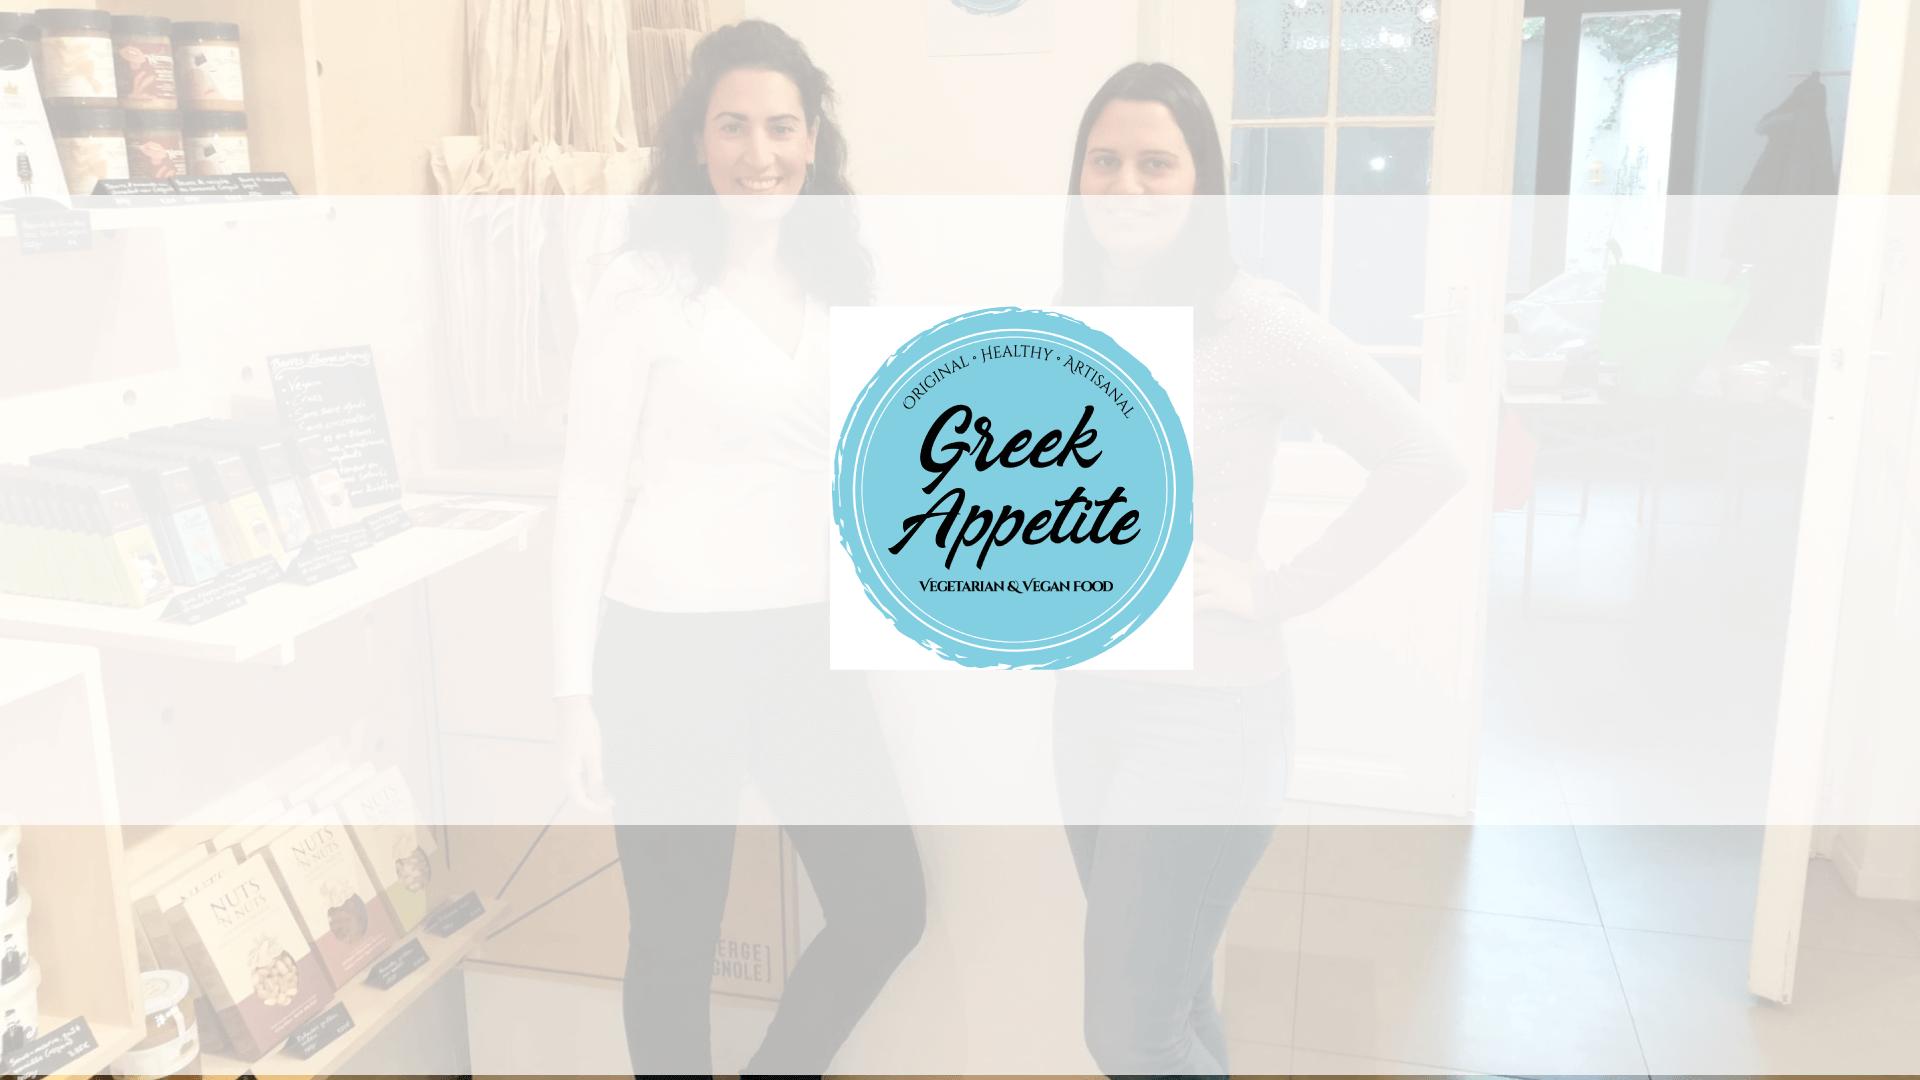 Greek Appetite